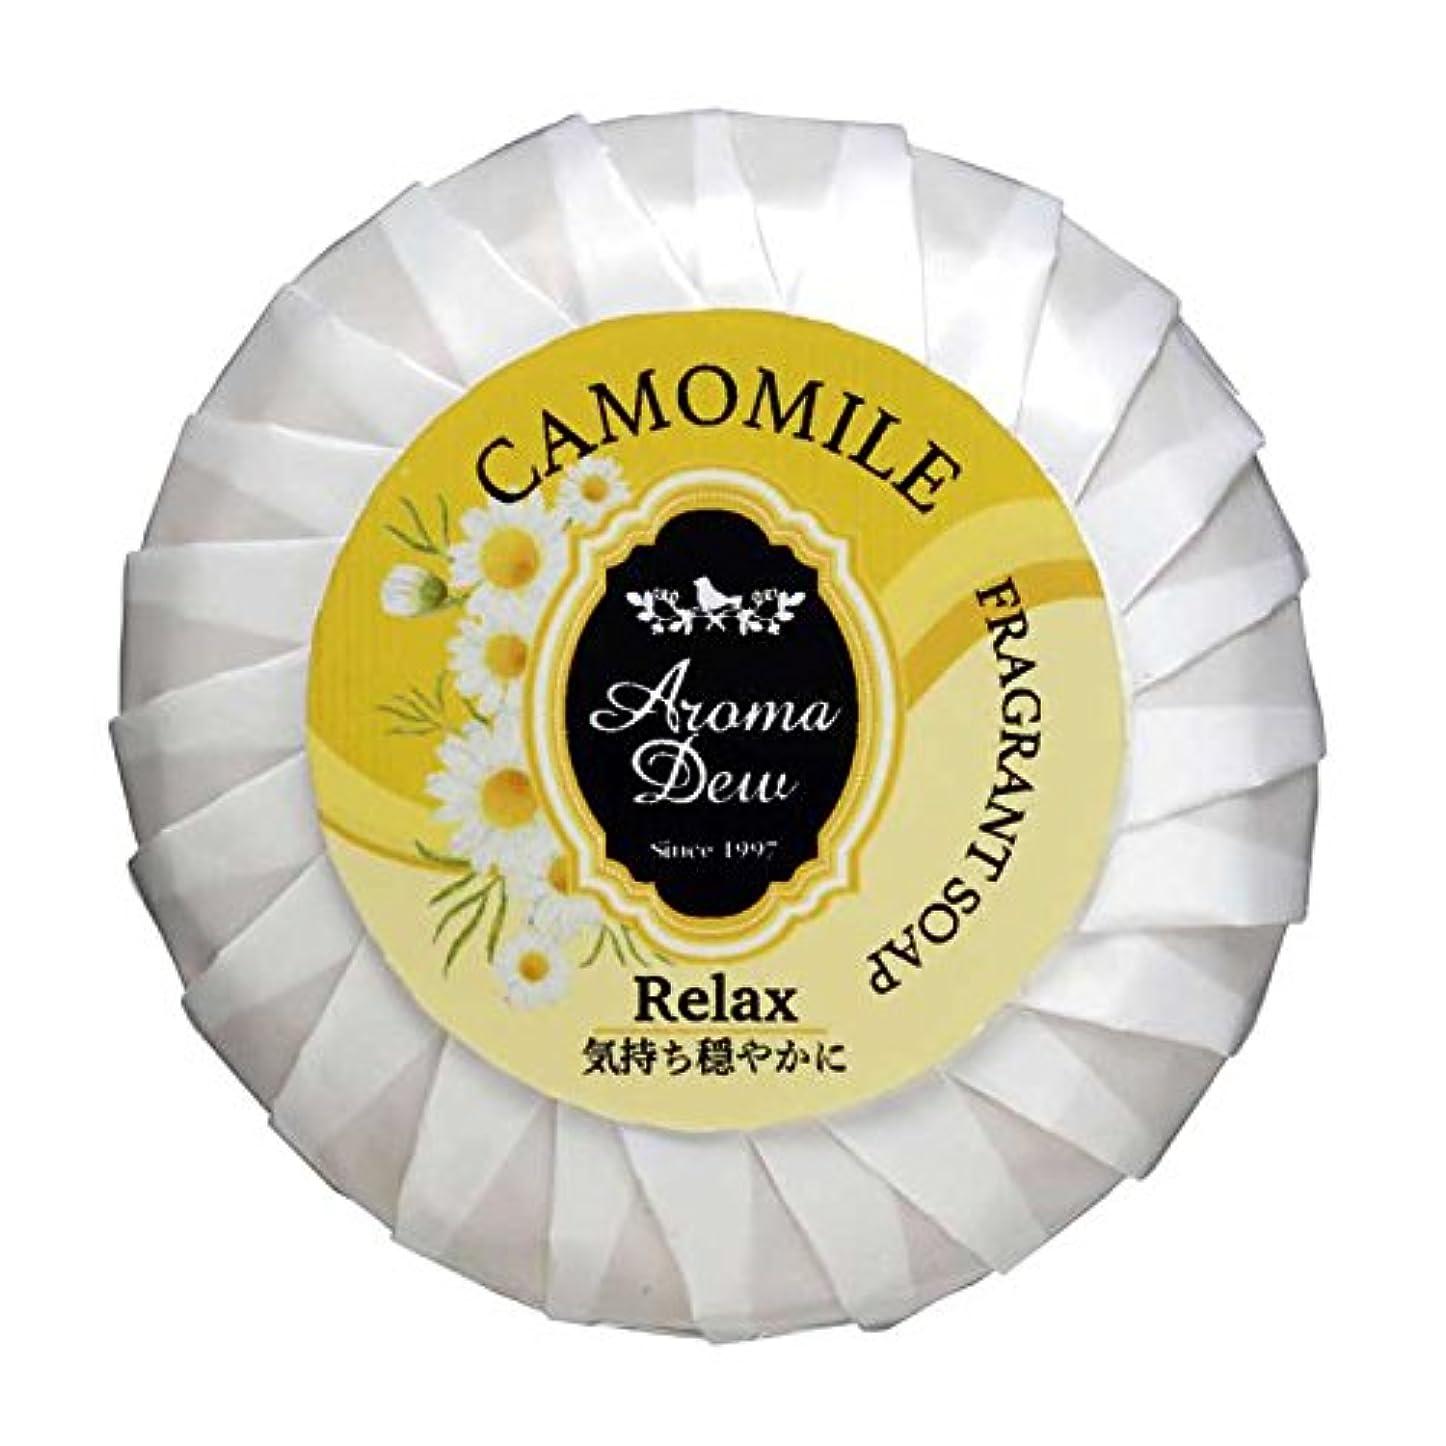 巨大唯一アクセサリーアロマデュウ フレグラントソープ カモミールの香り 100g